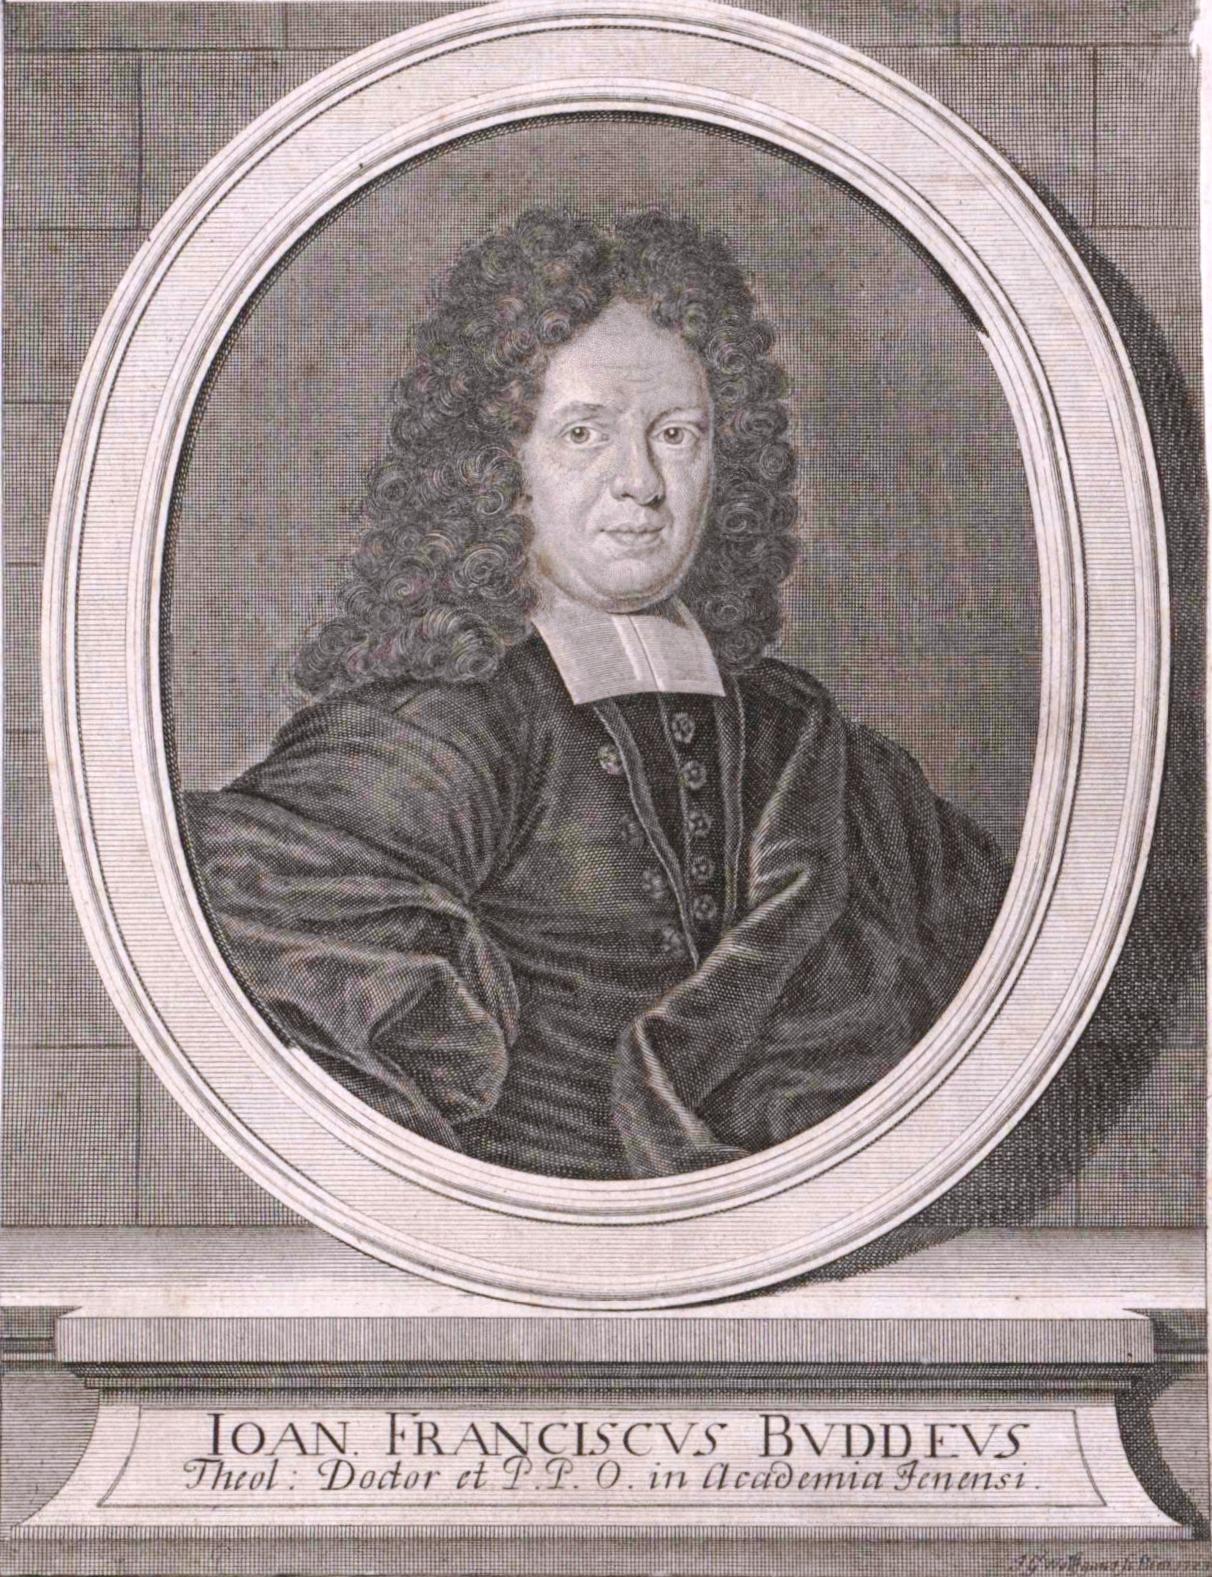 Johann Franz Buddeus